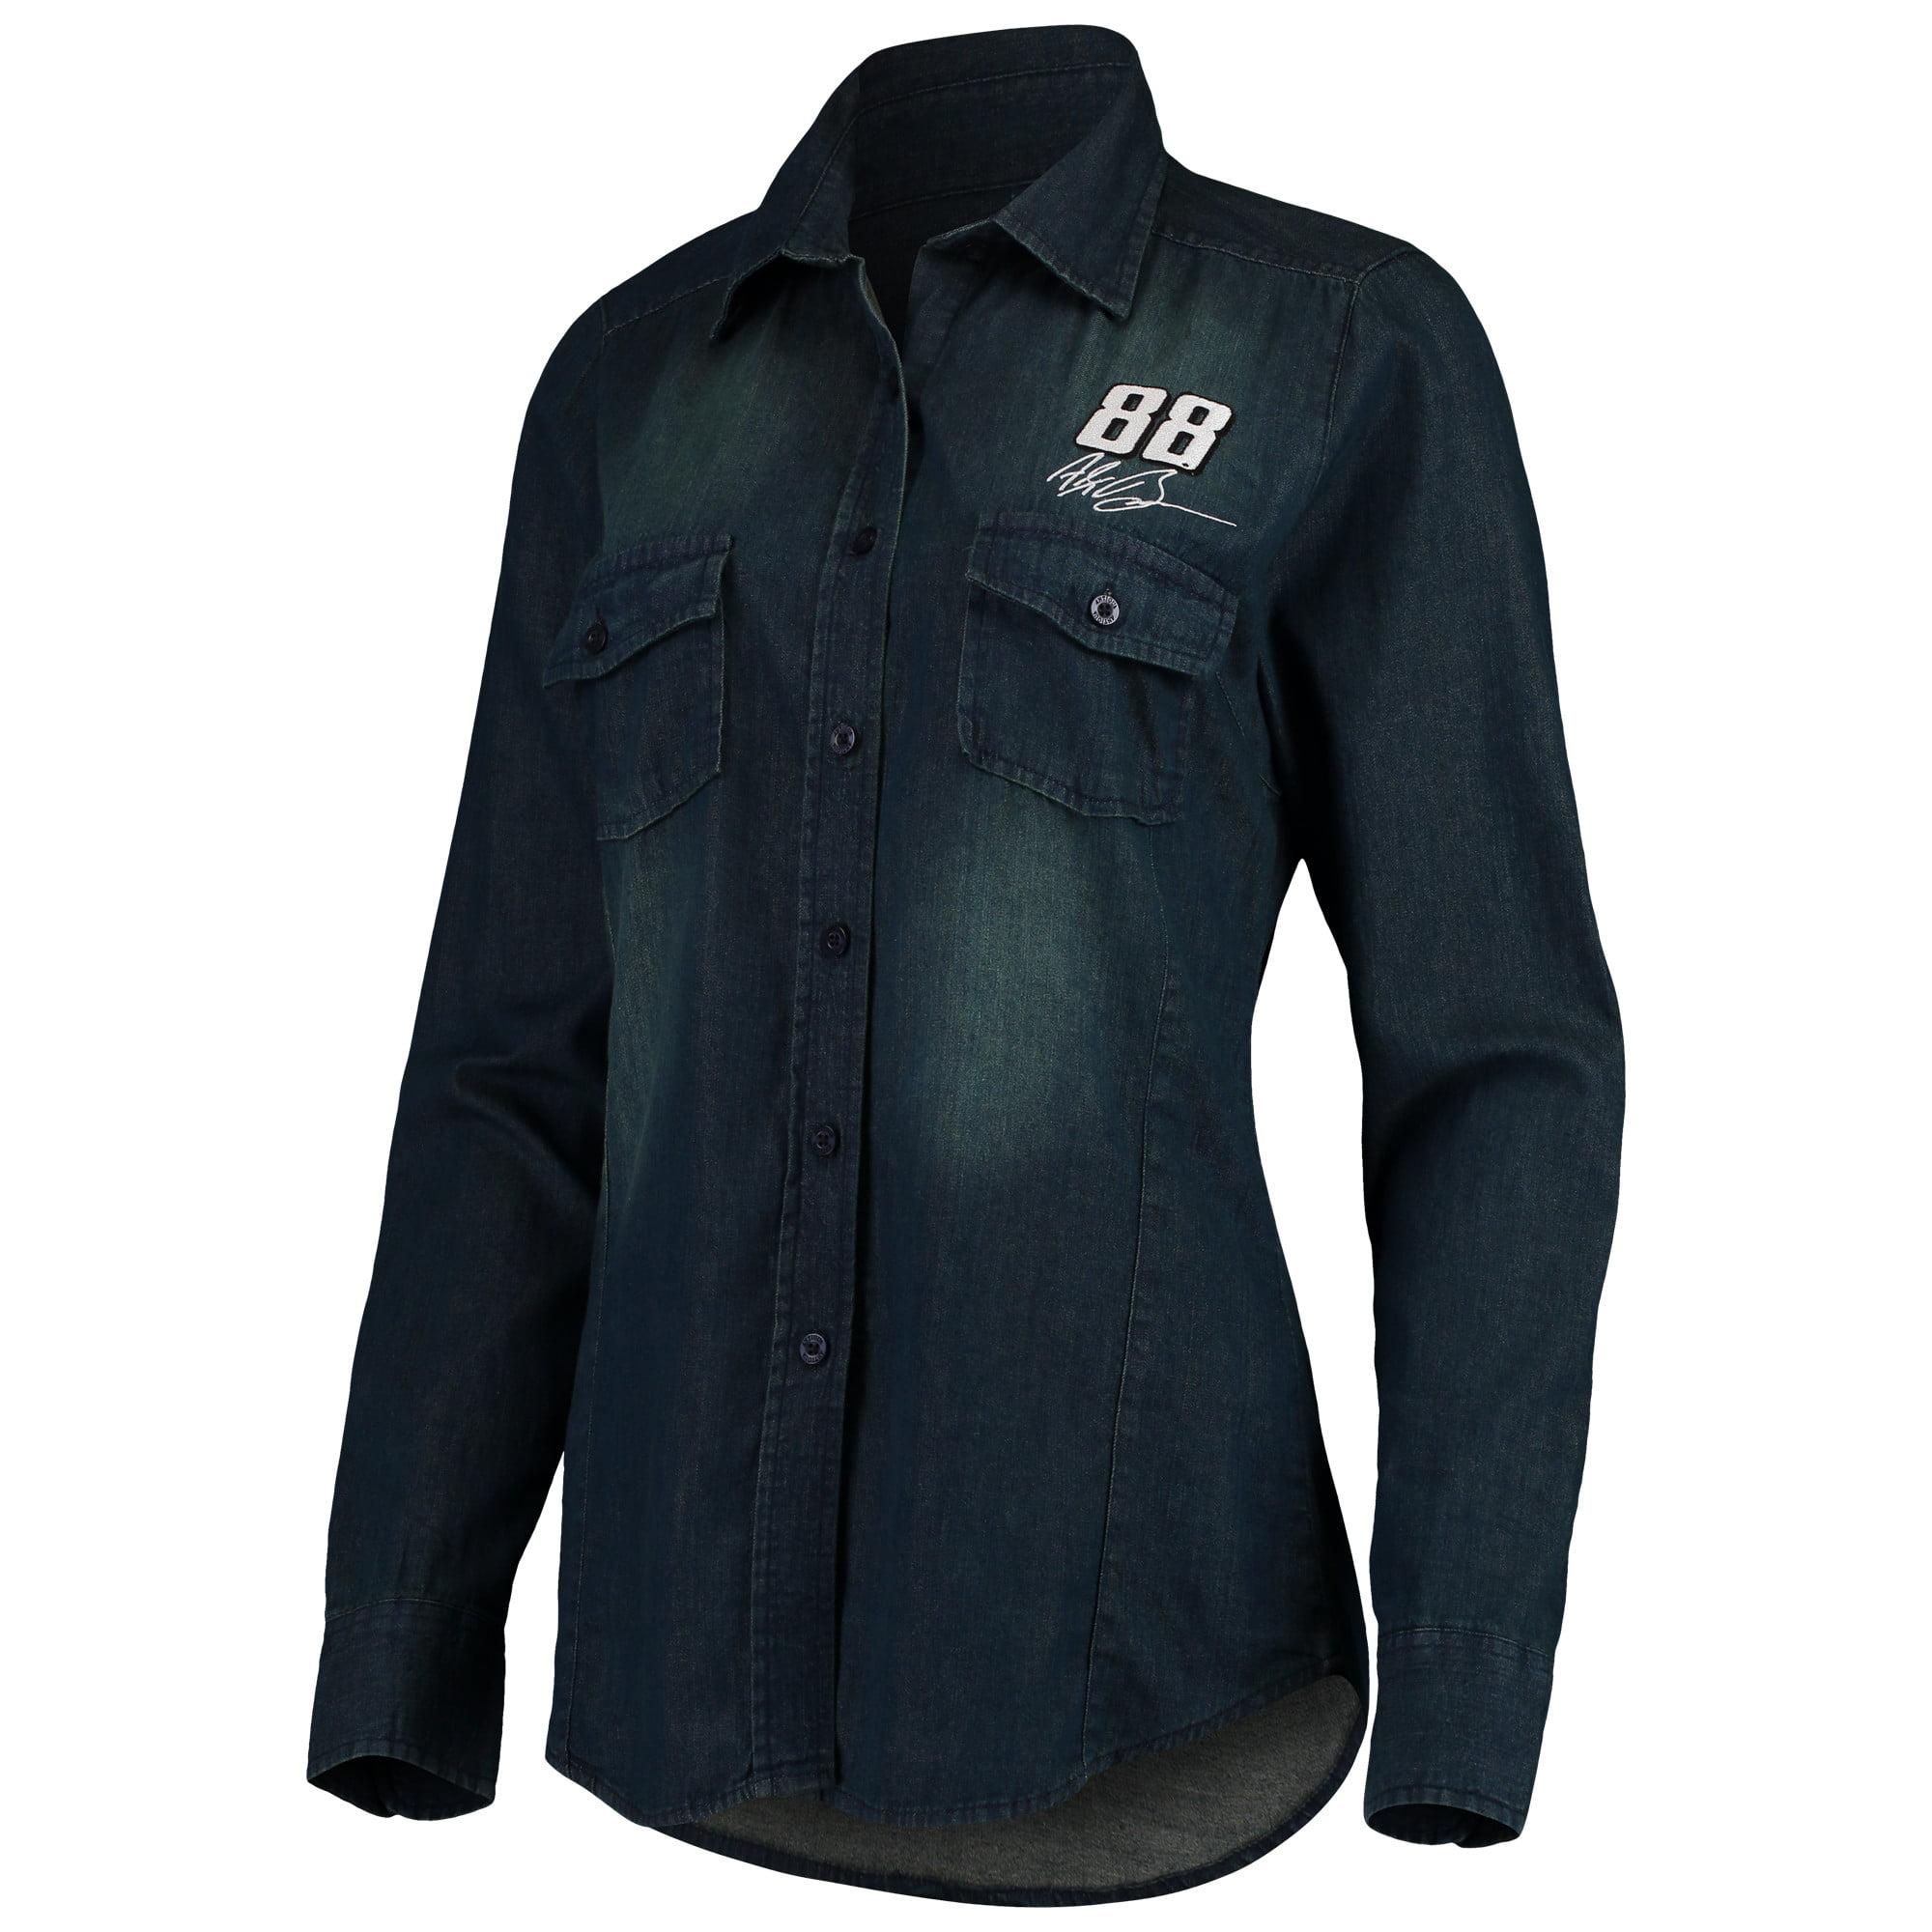 Alex Bowman Antigua Women's Outlook Long Sleeve Button-Up Chambray Shirt - Navy